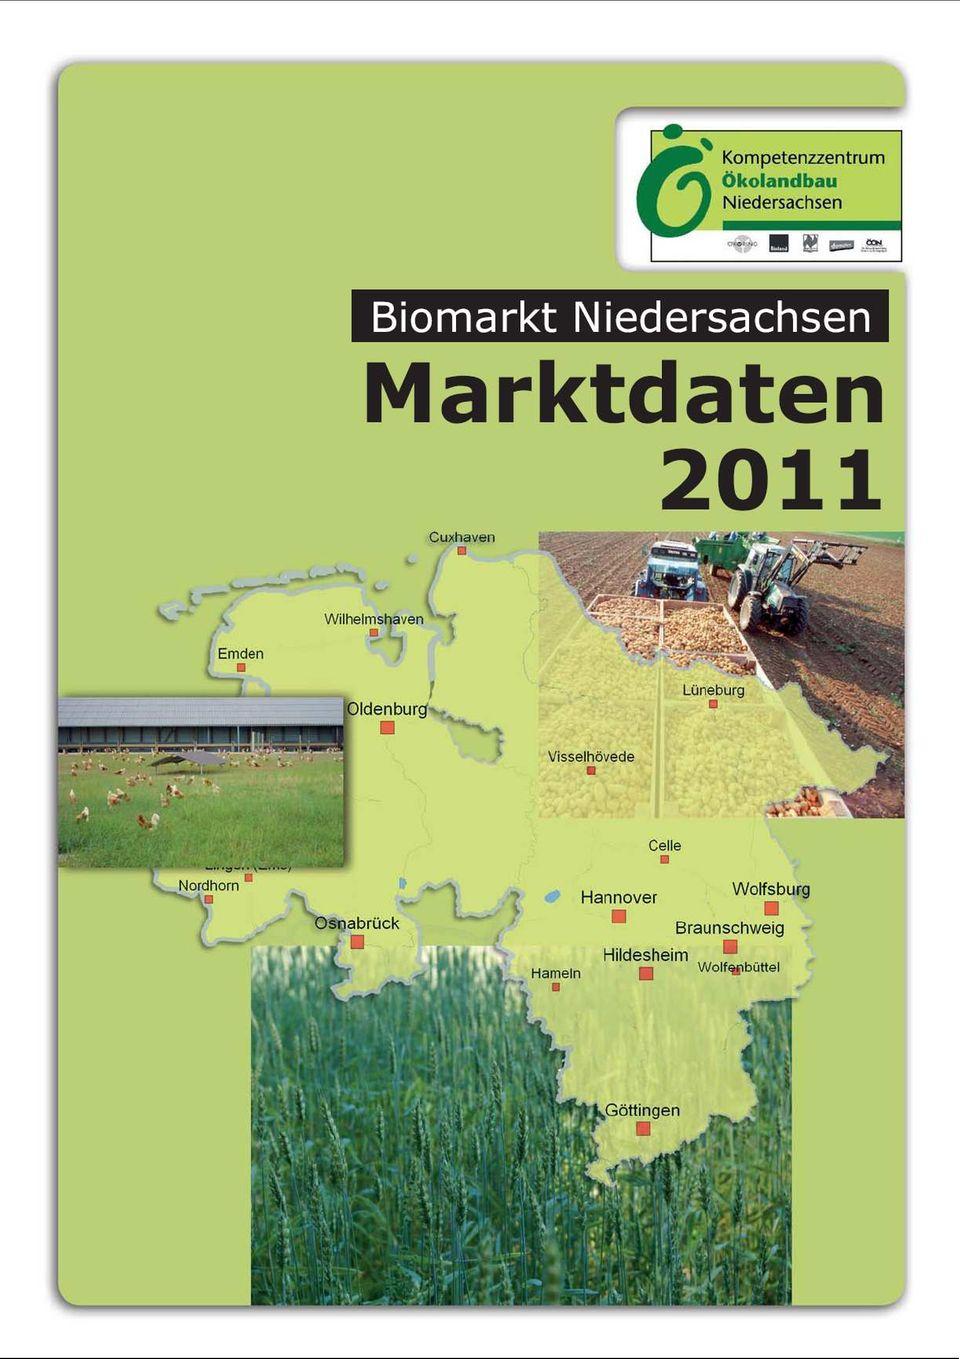 Bio Marktdaten 2011